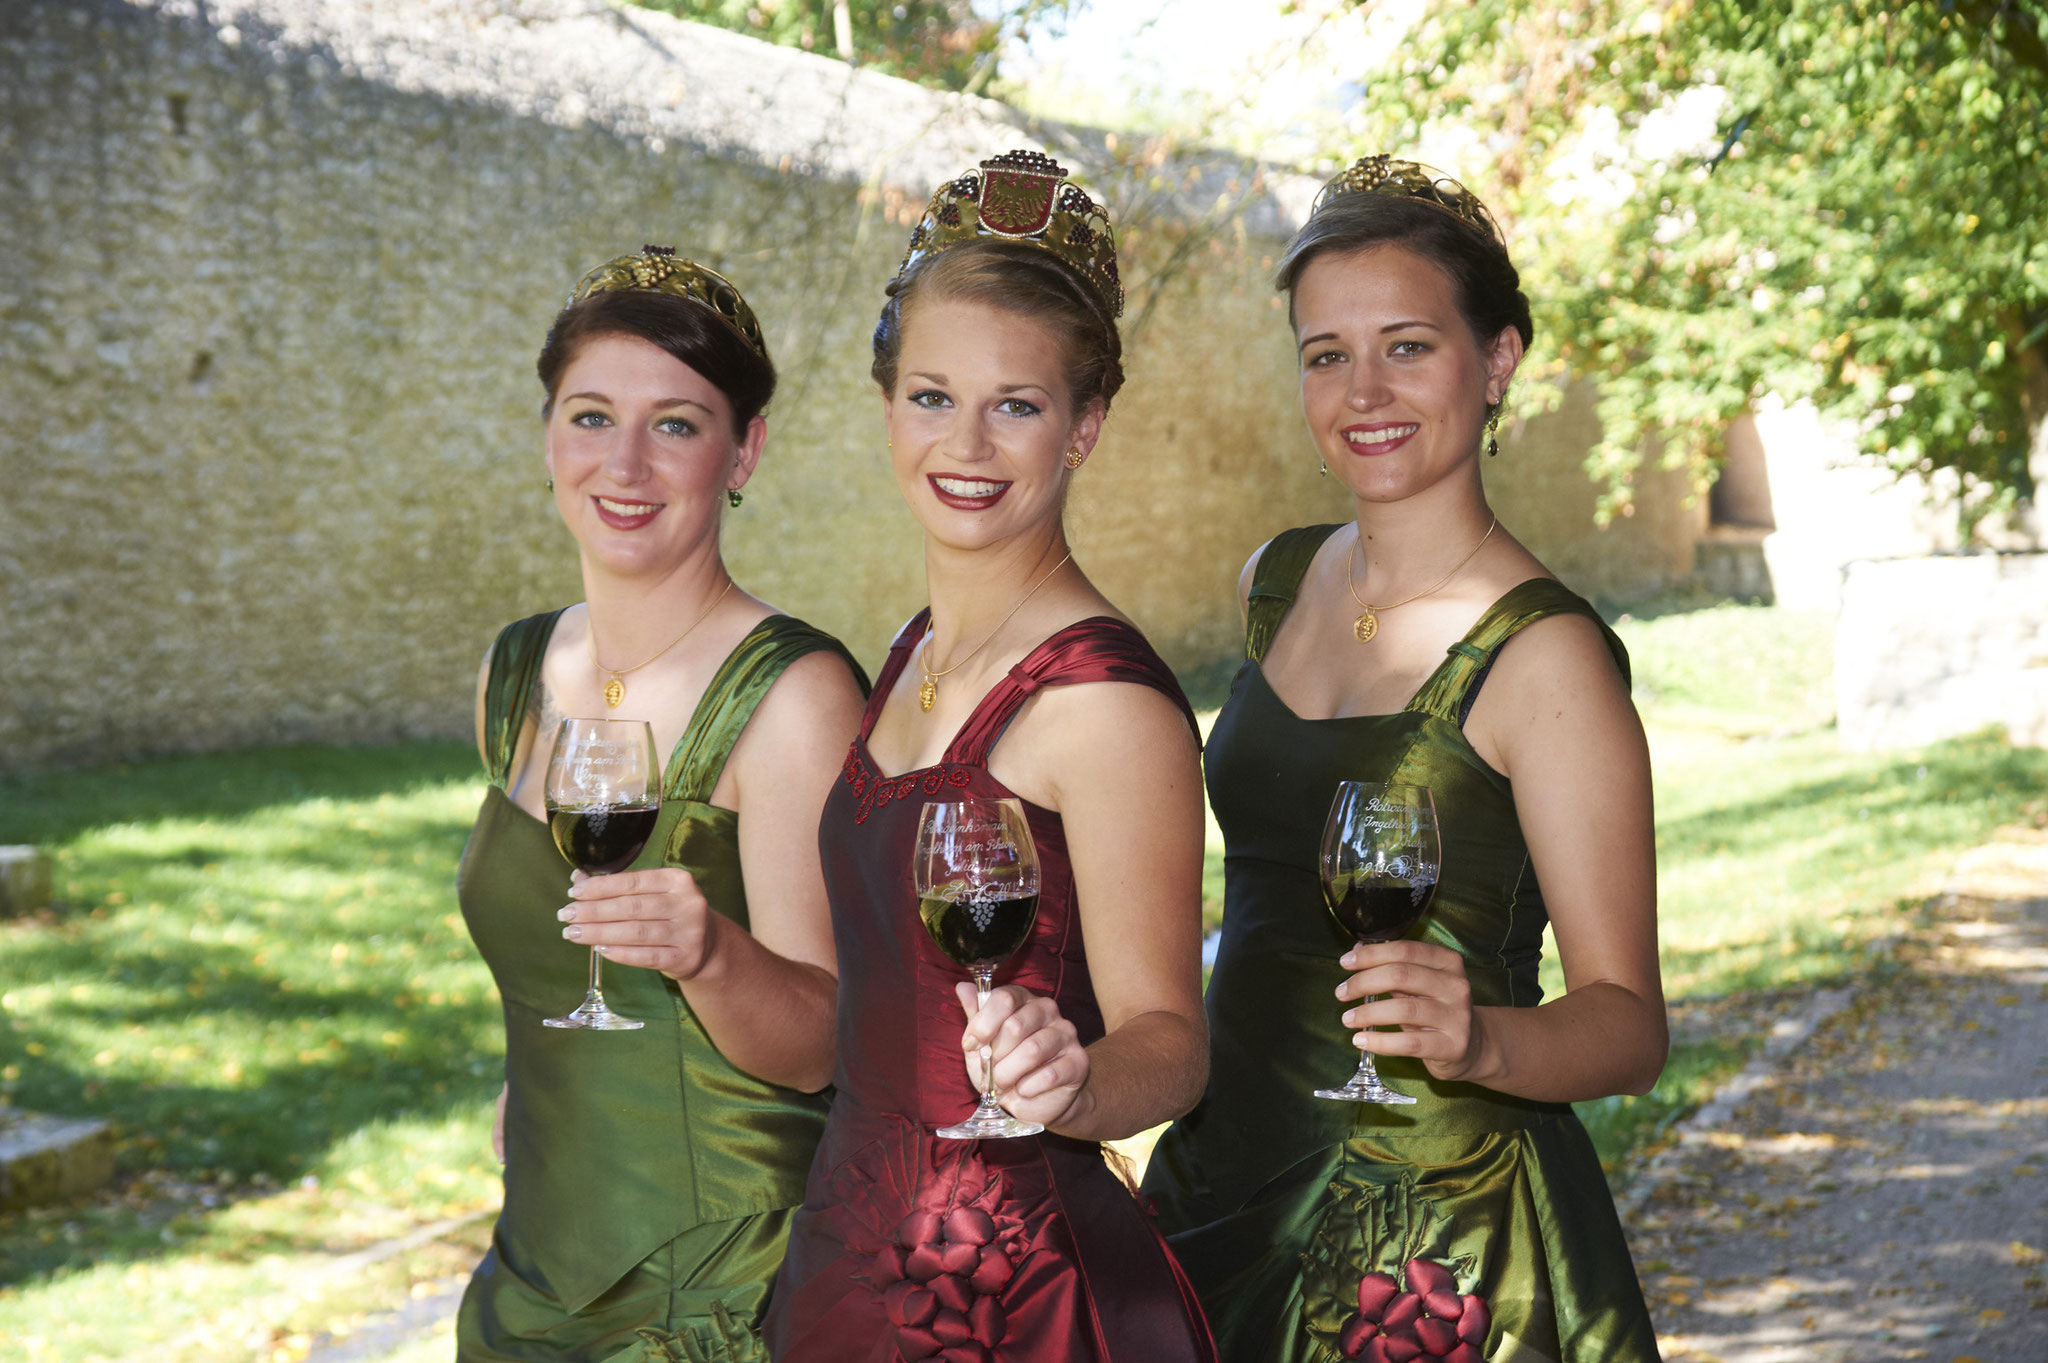 Rotweinkönigin Julia II mit Ihren Prinzessinnen Amy & Katja 2011/12